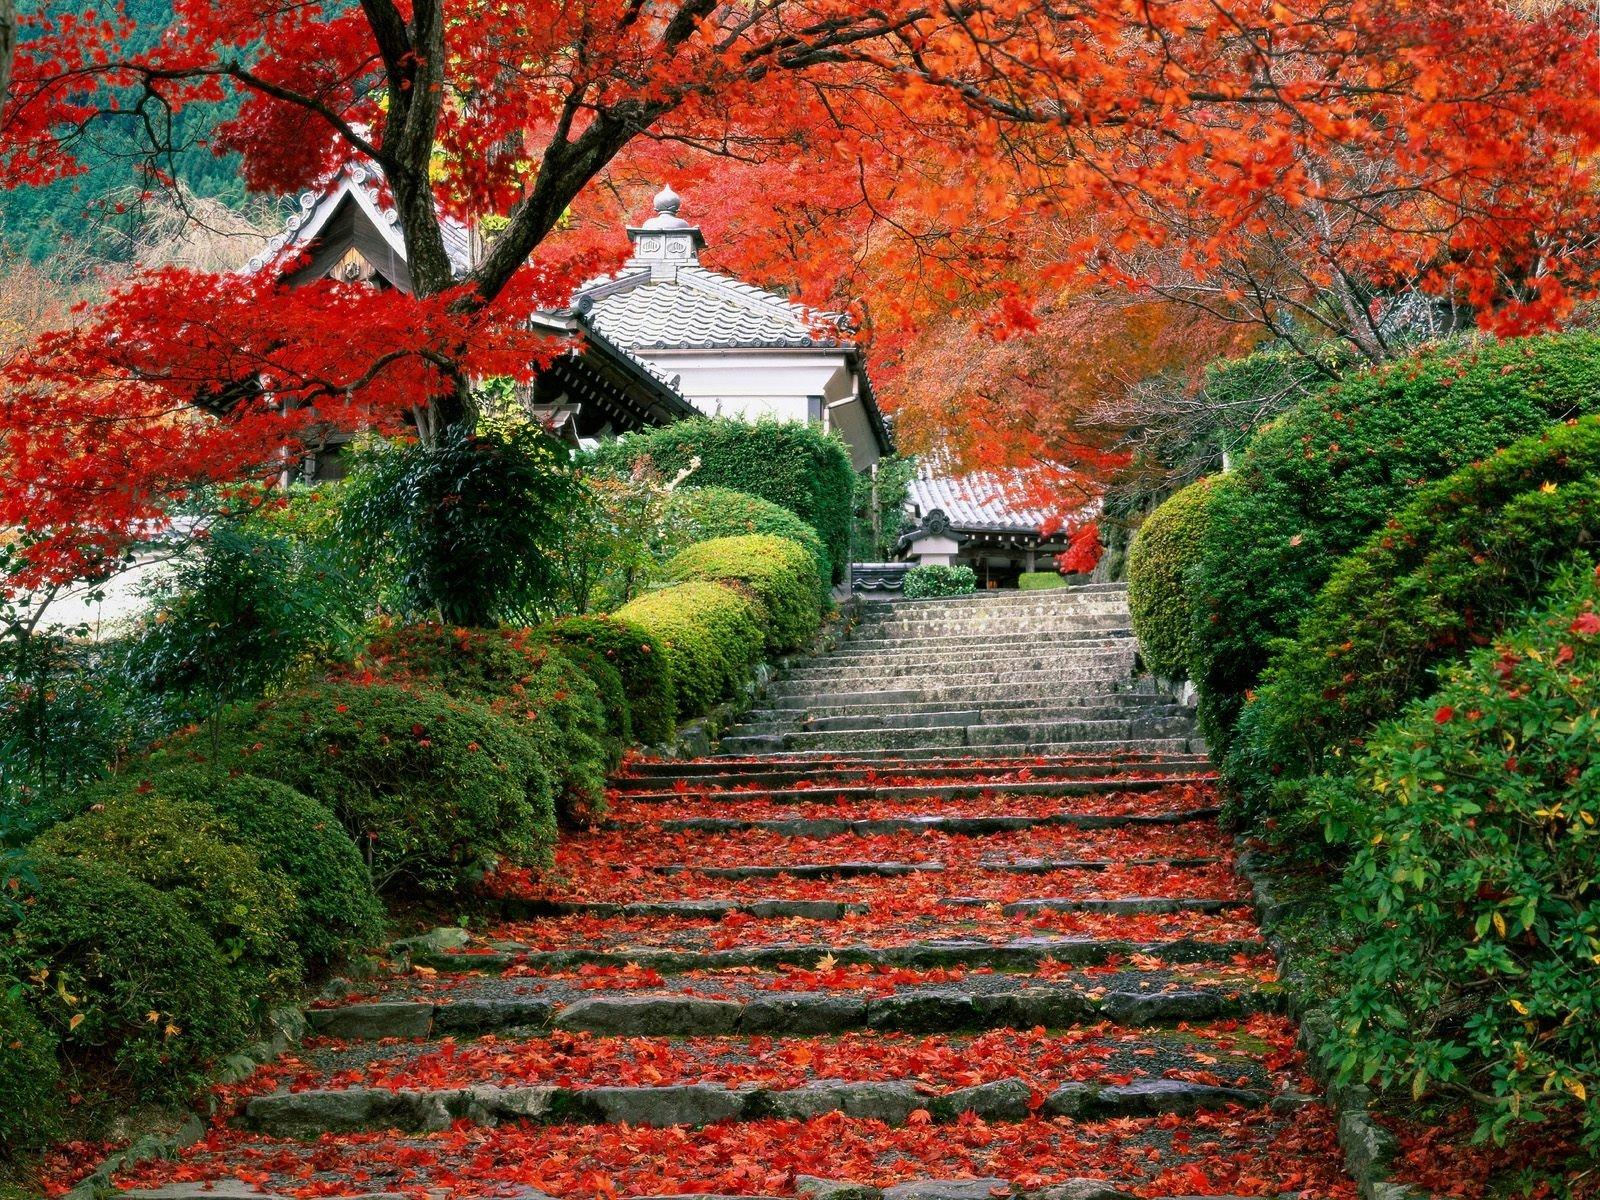 Осень в разных странах мира фото